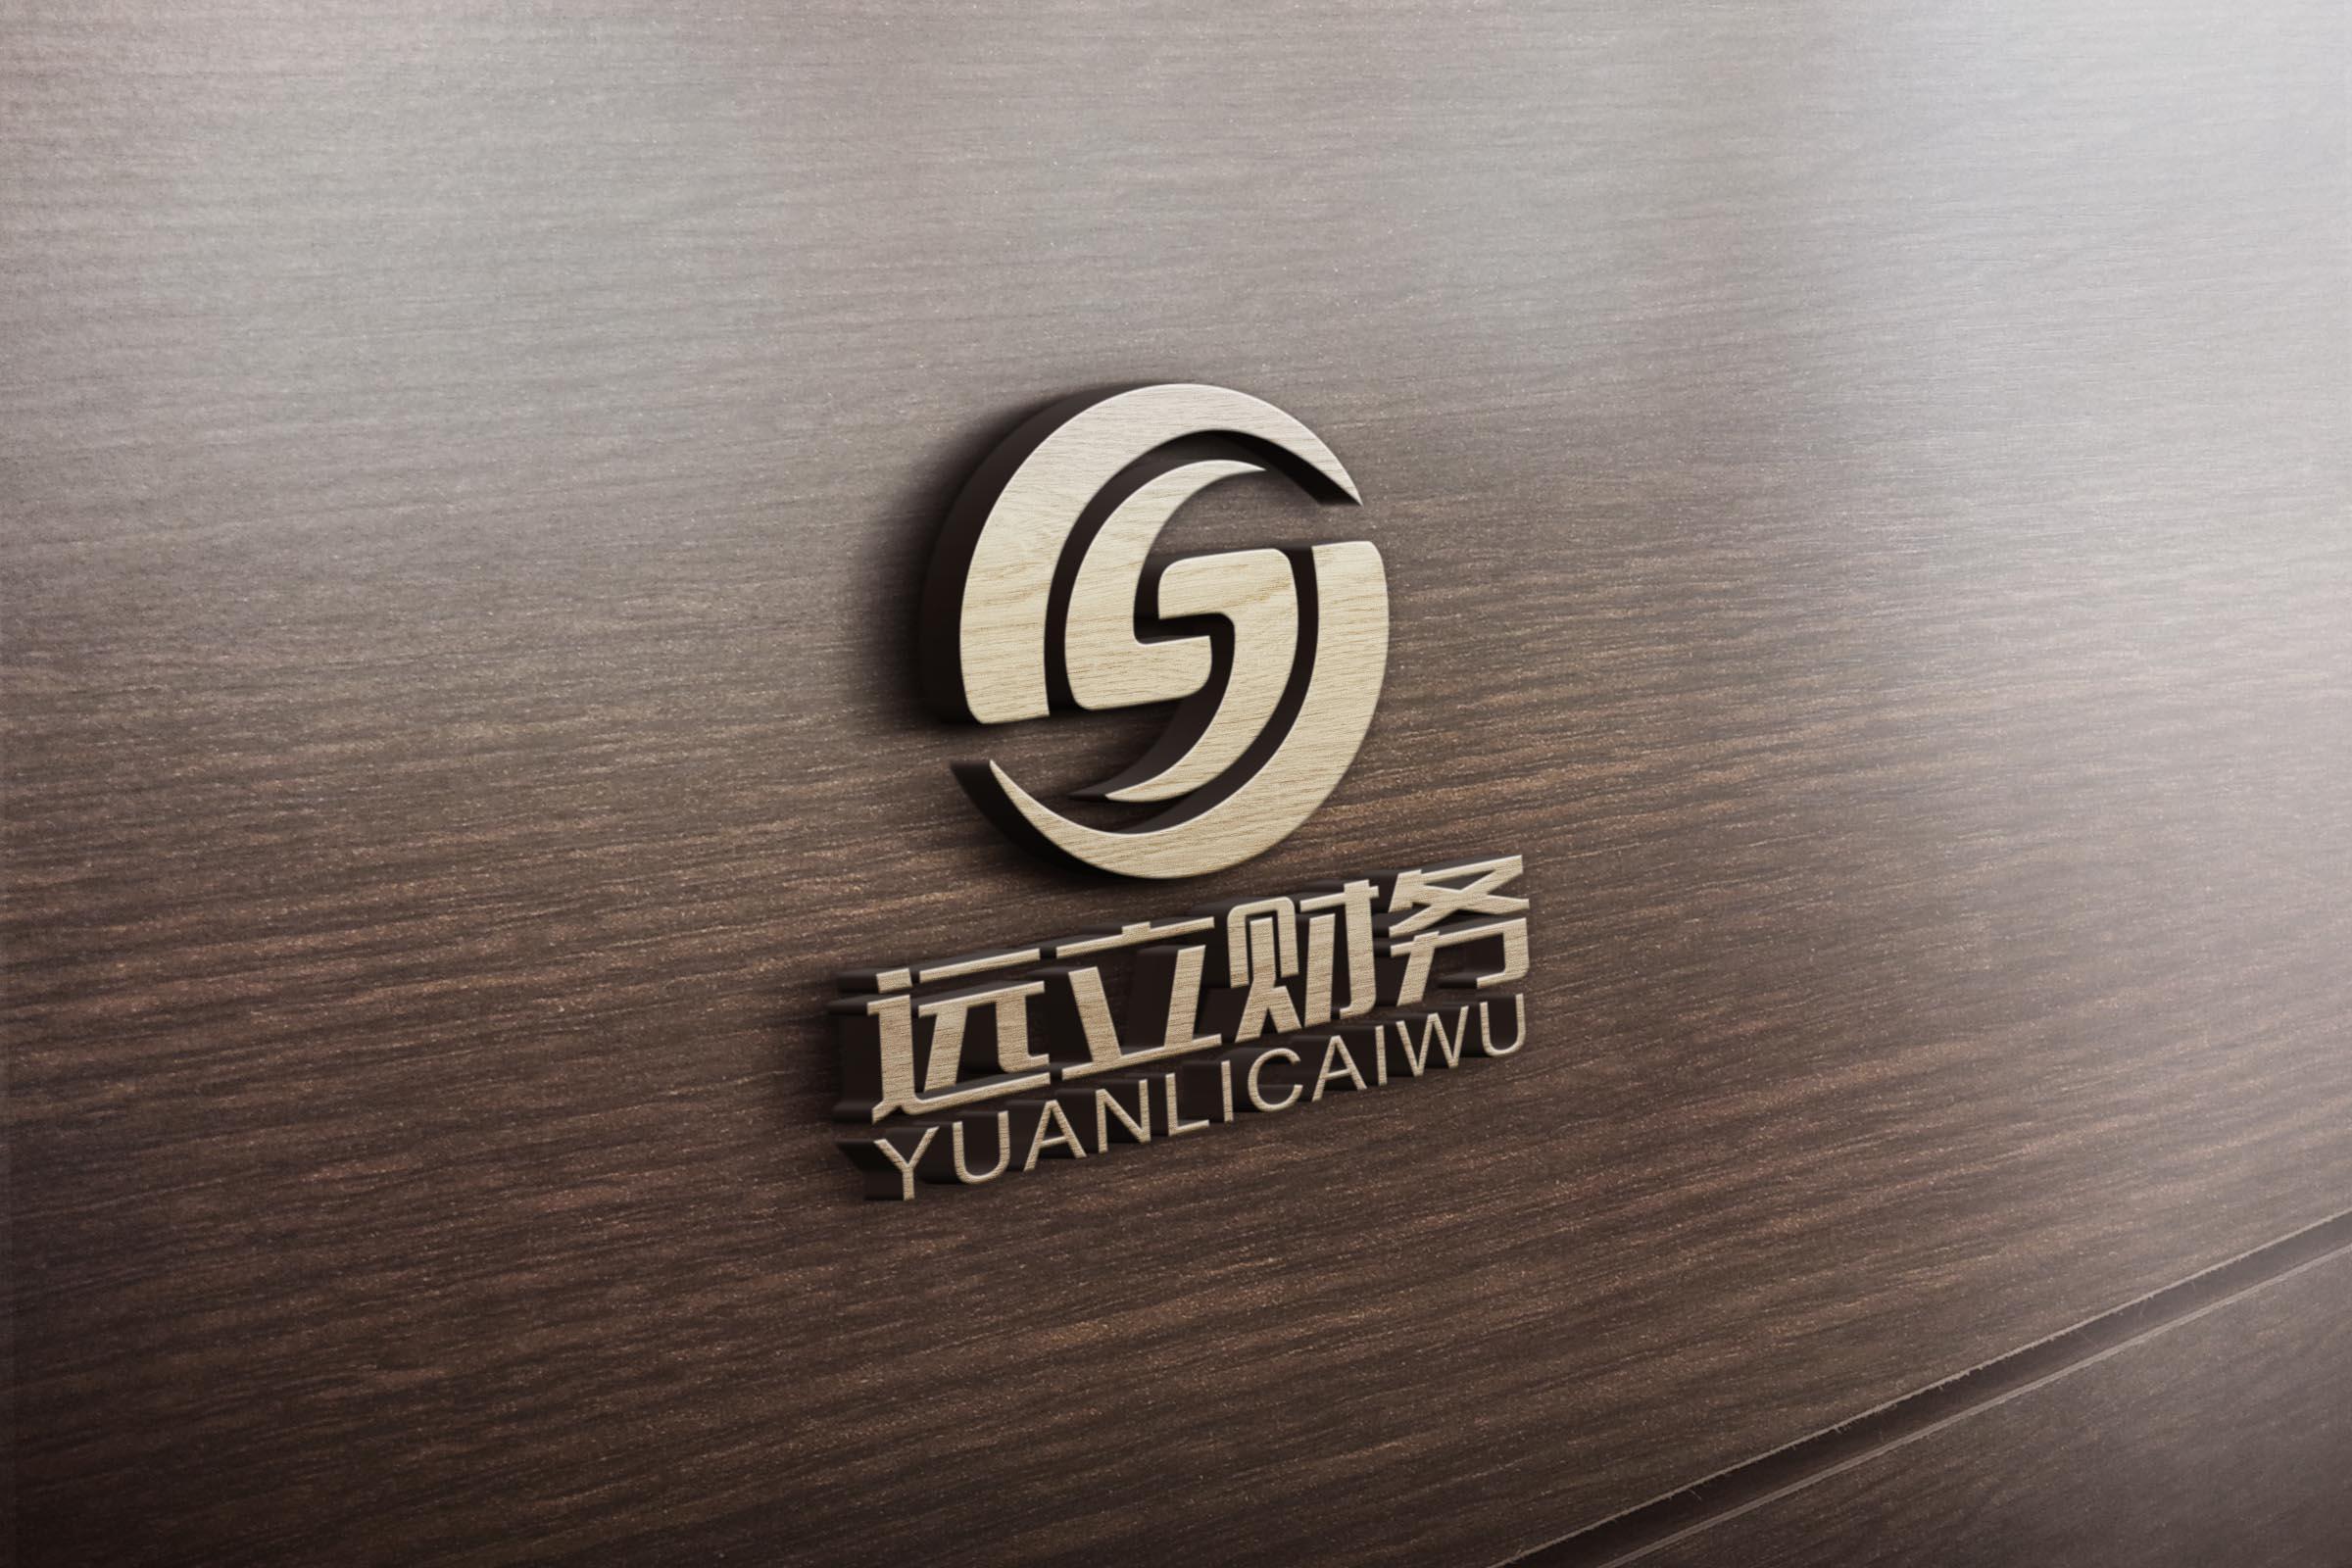 财务代账公司logo设计_3033387_k68威客网